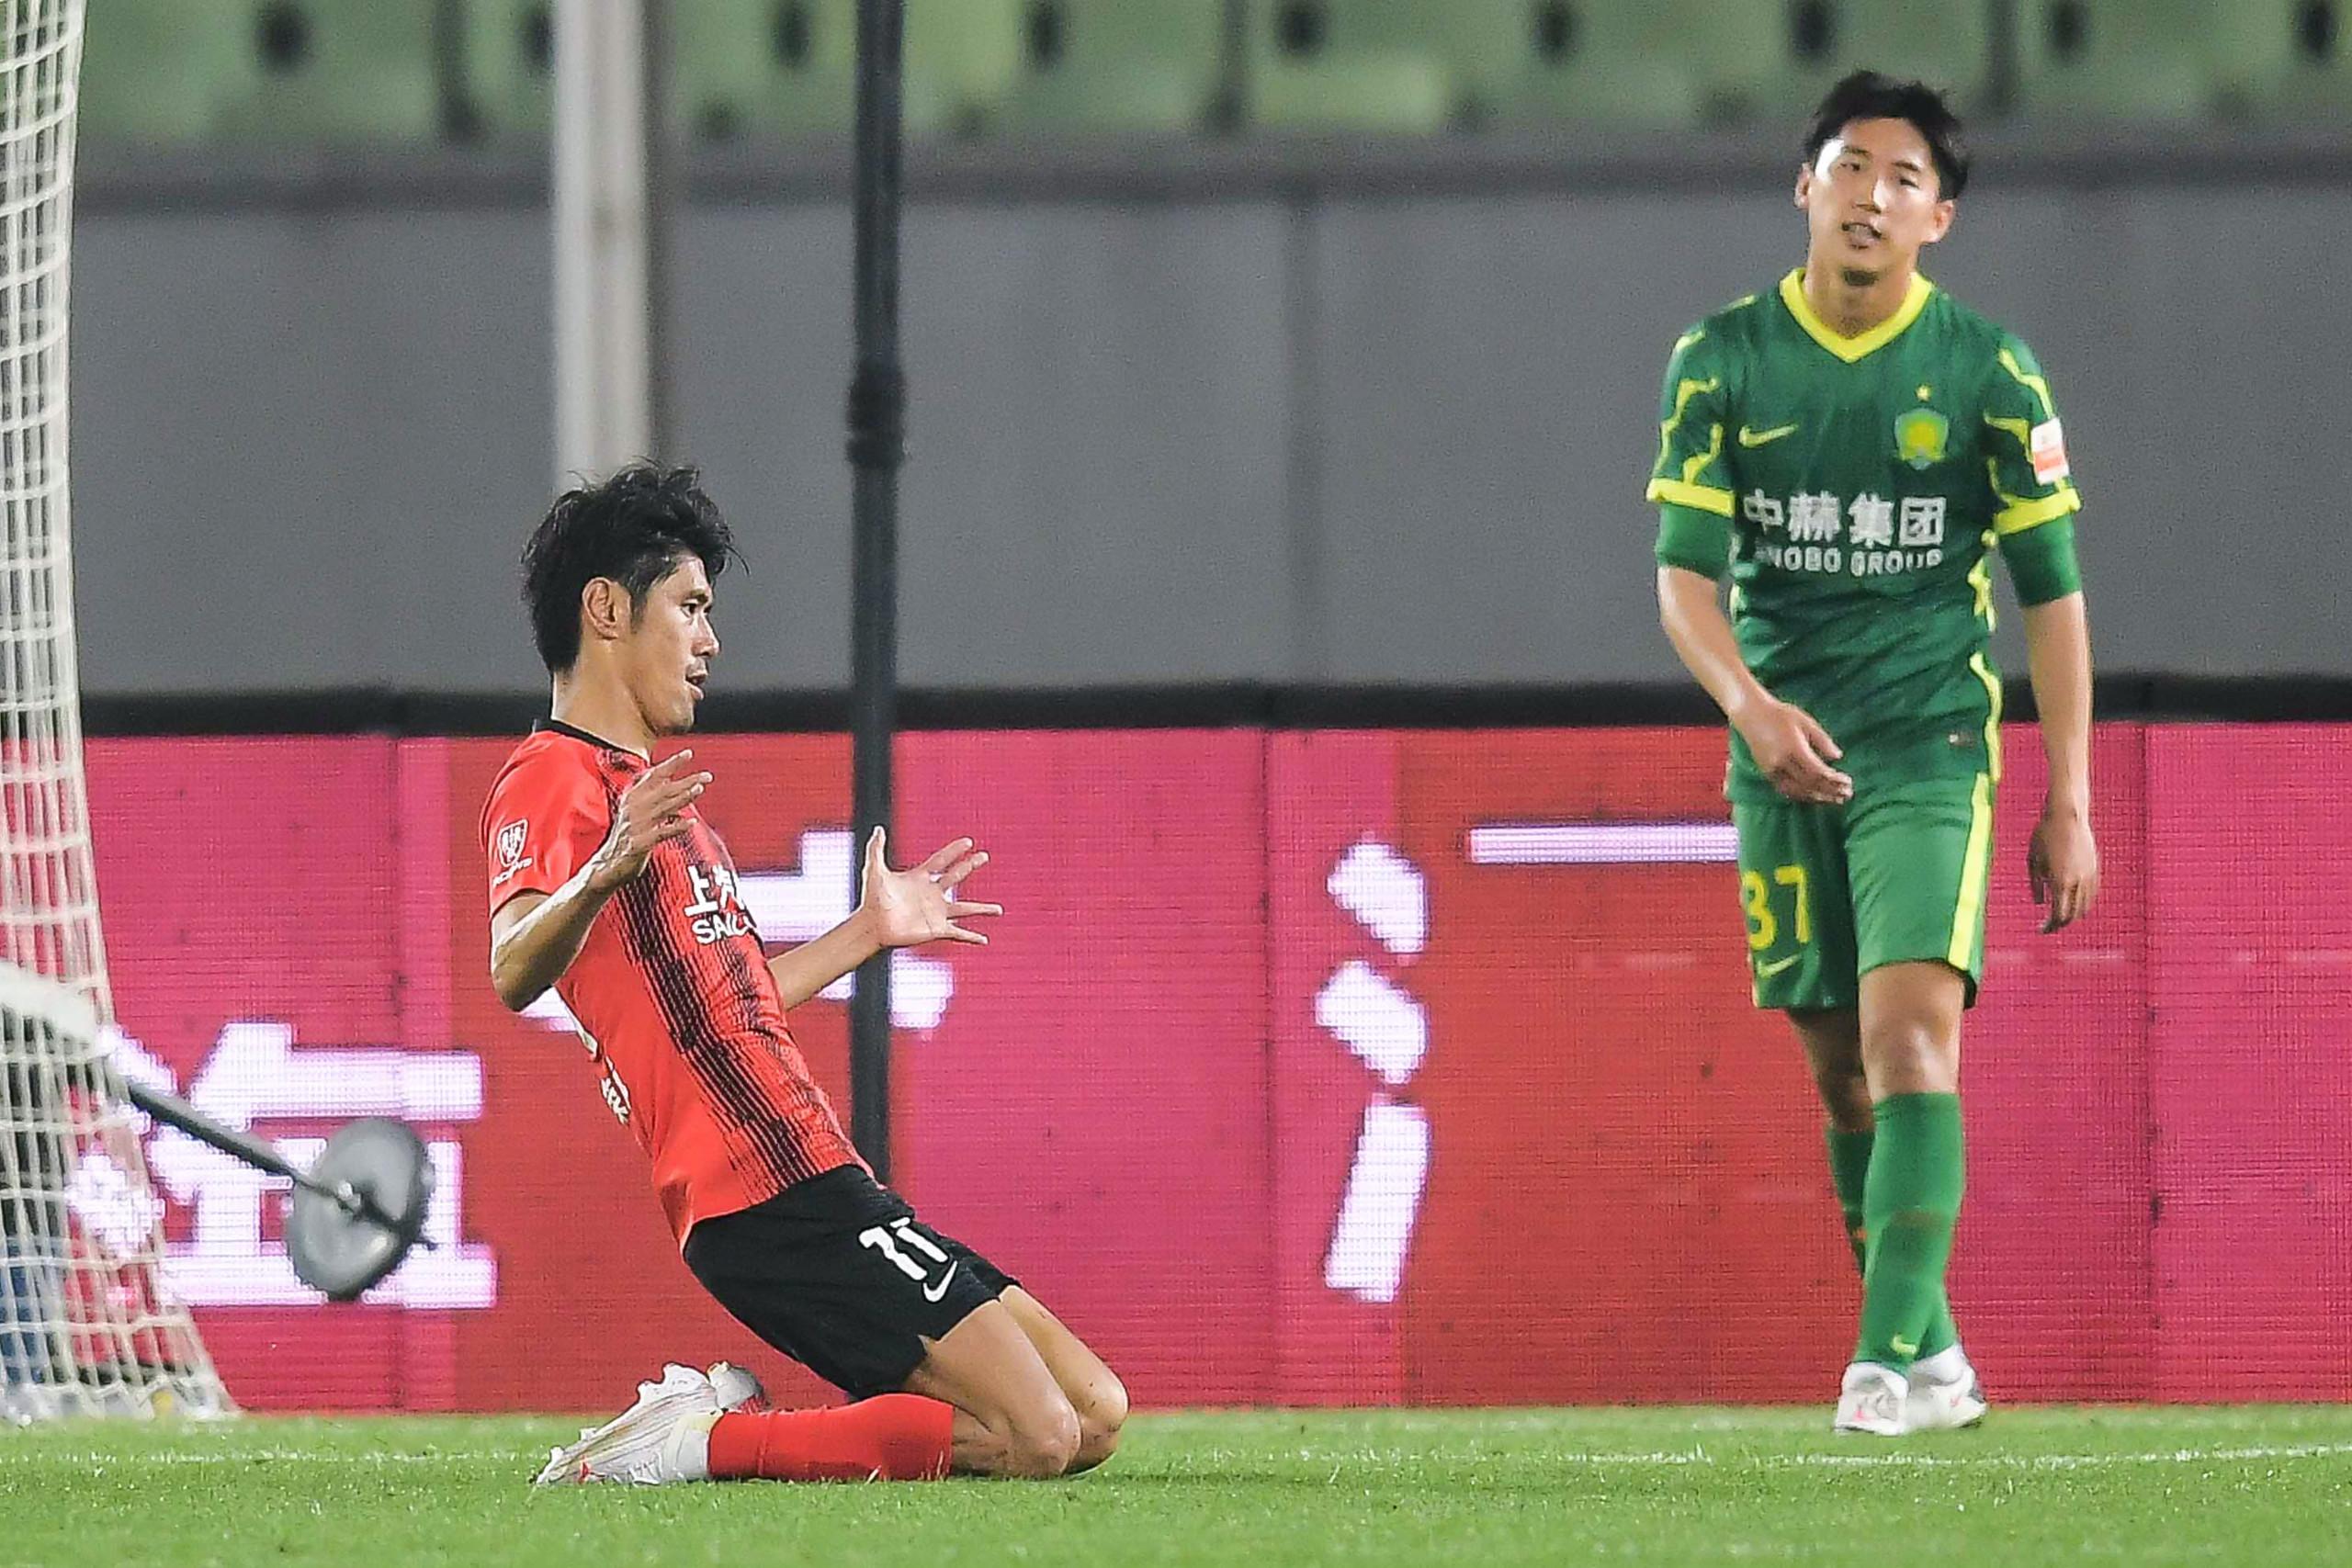 吕文君连续两场比赛头球进球。